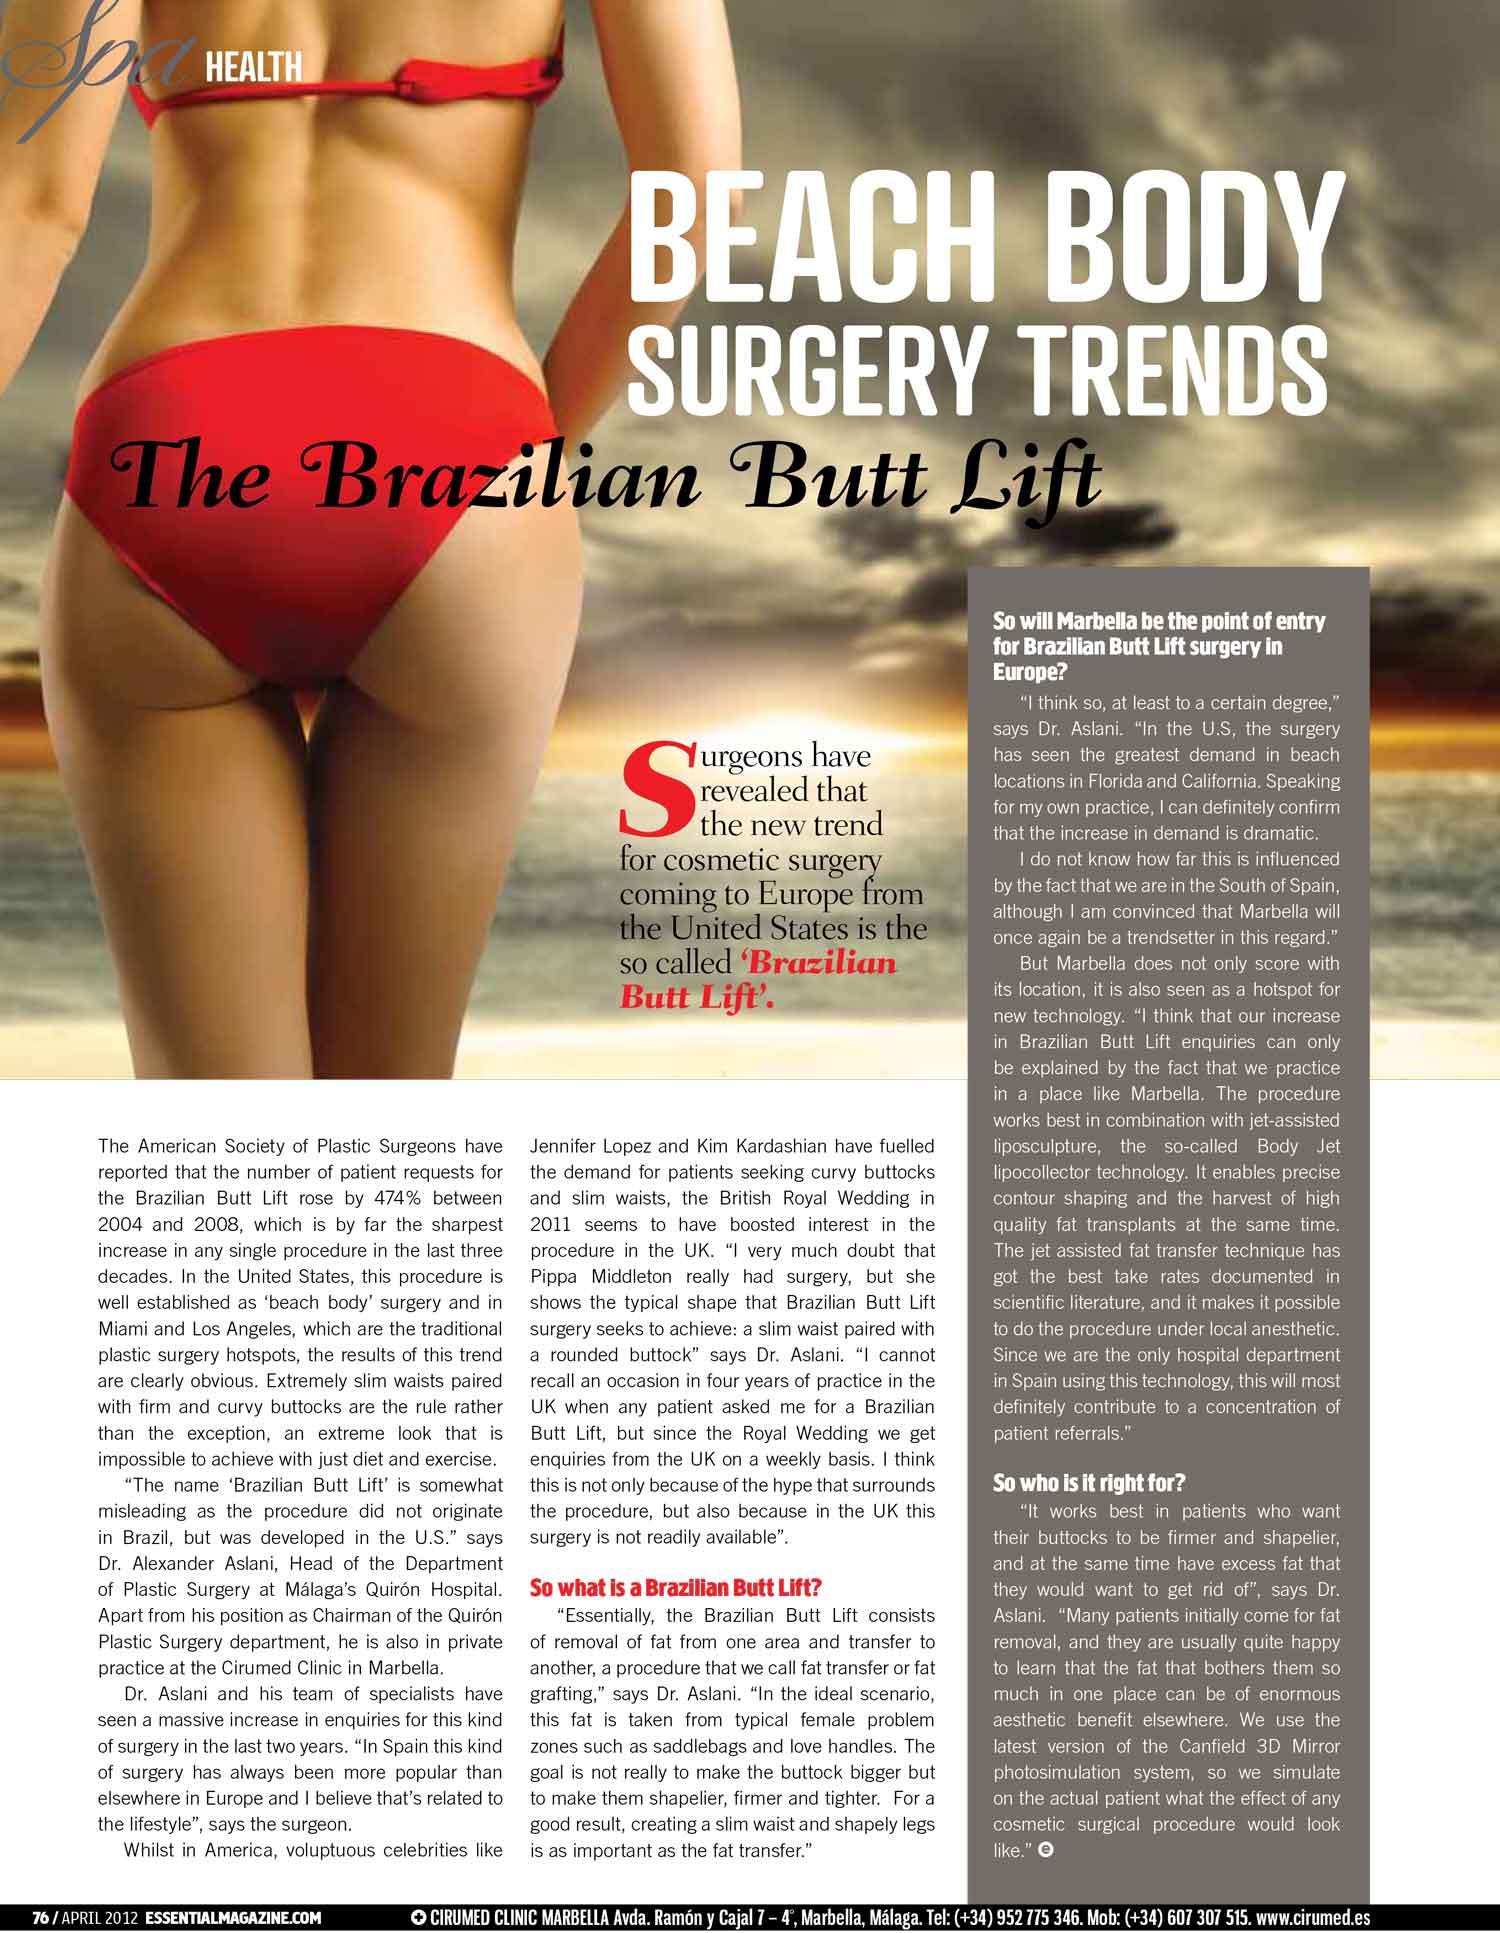 brazilian-butt-lift-experts